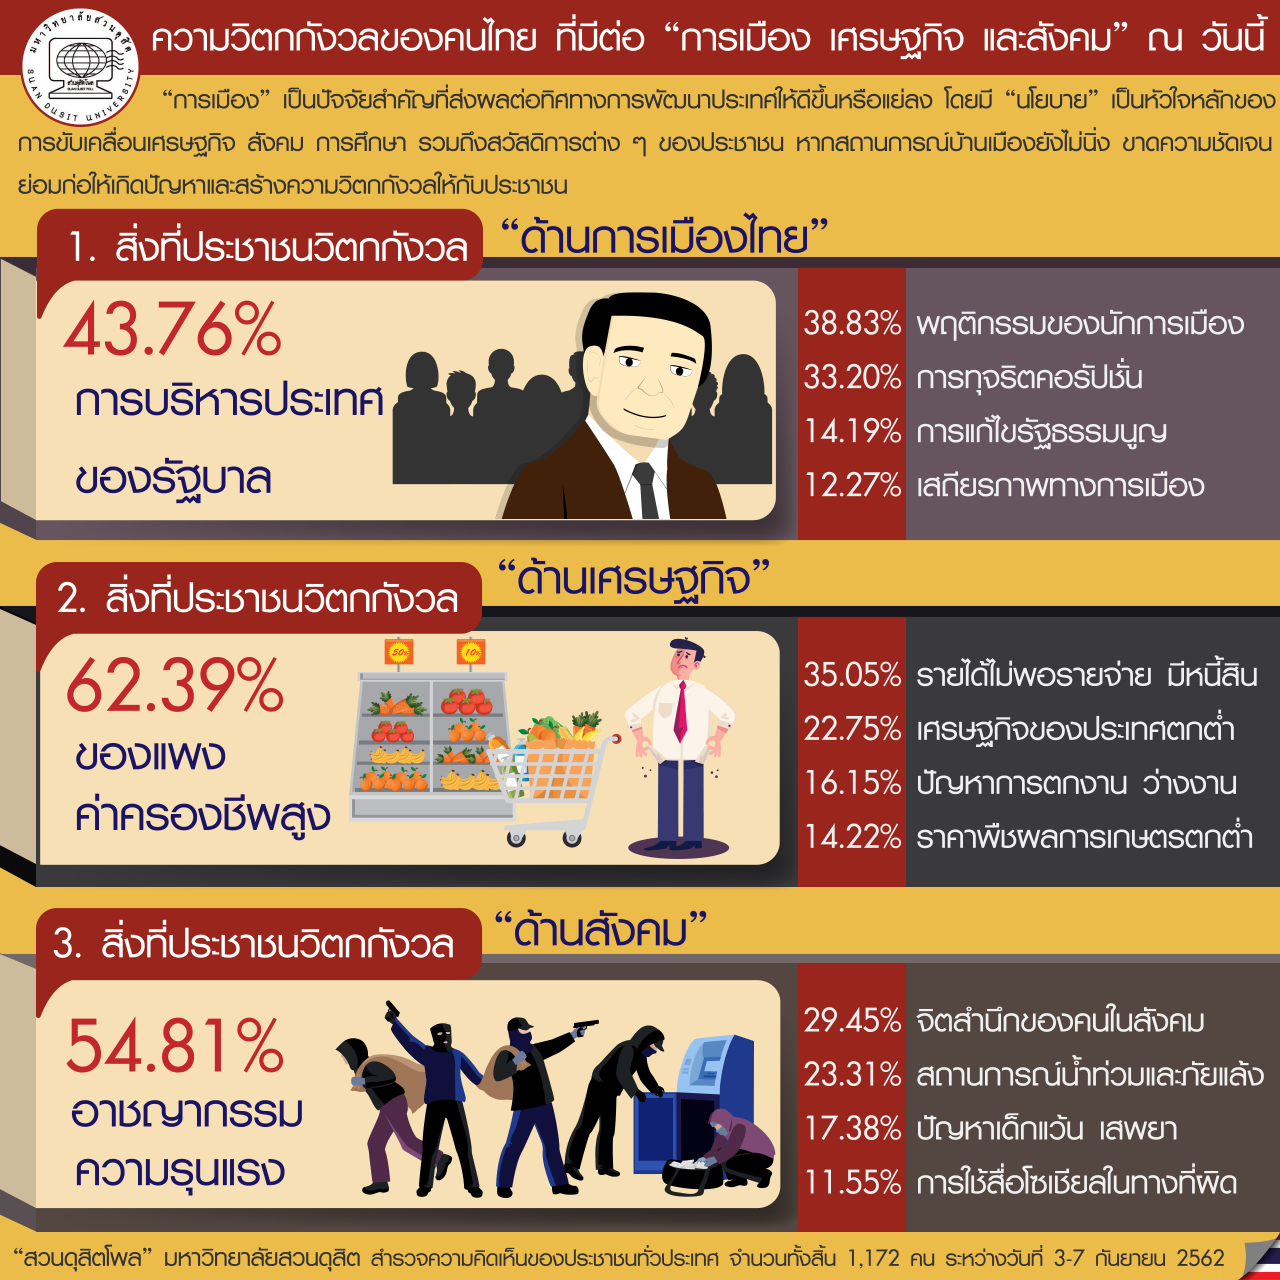 Жители Таиланда обеспокоены высокой стоимостью жизни в стране